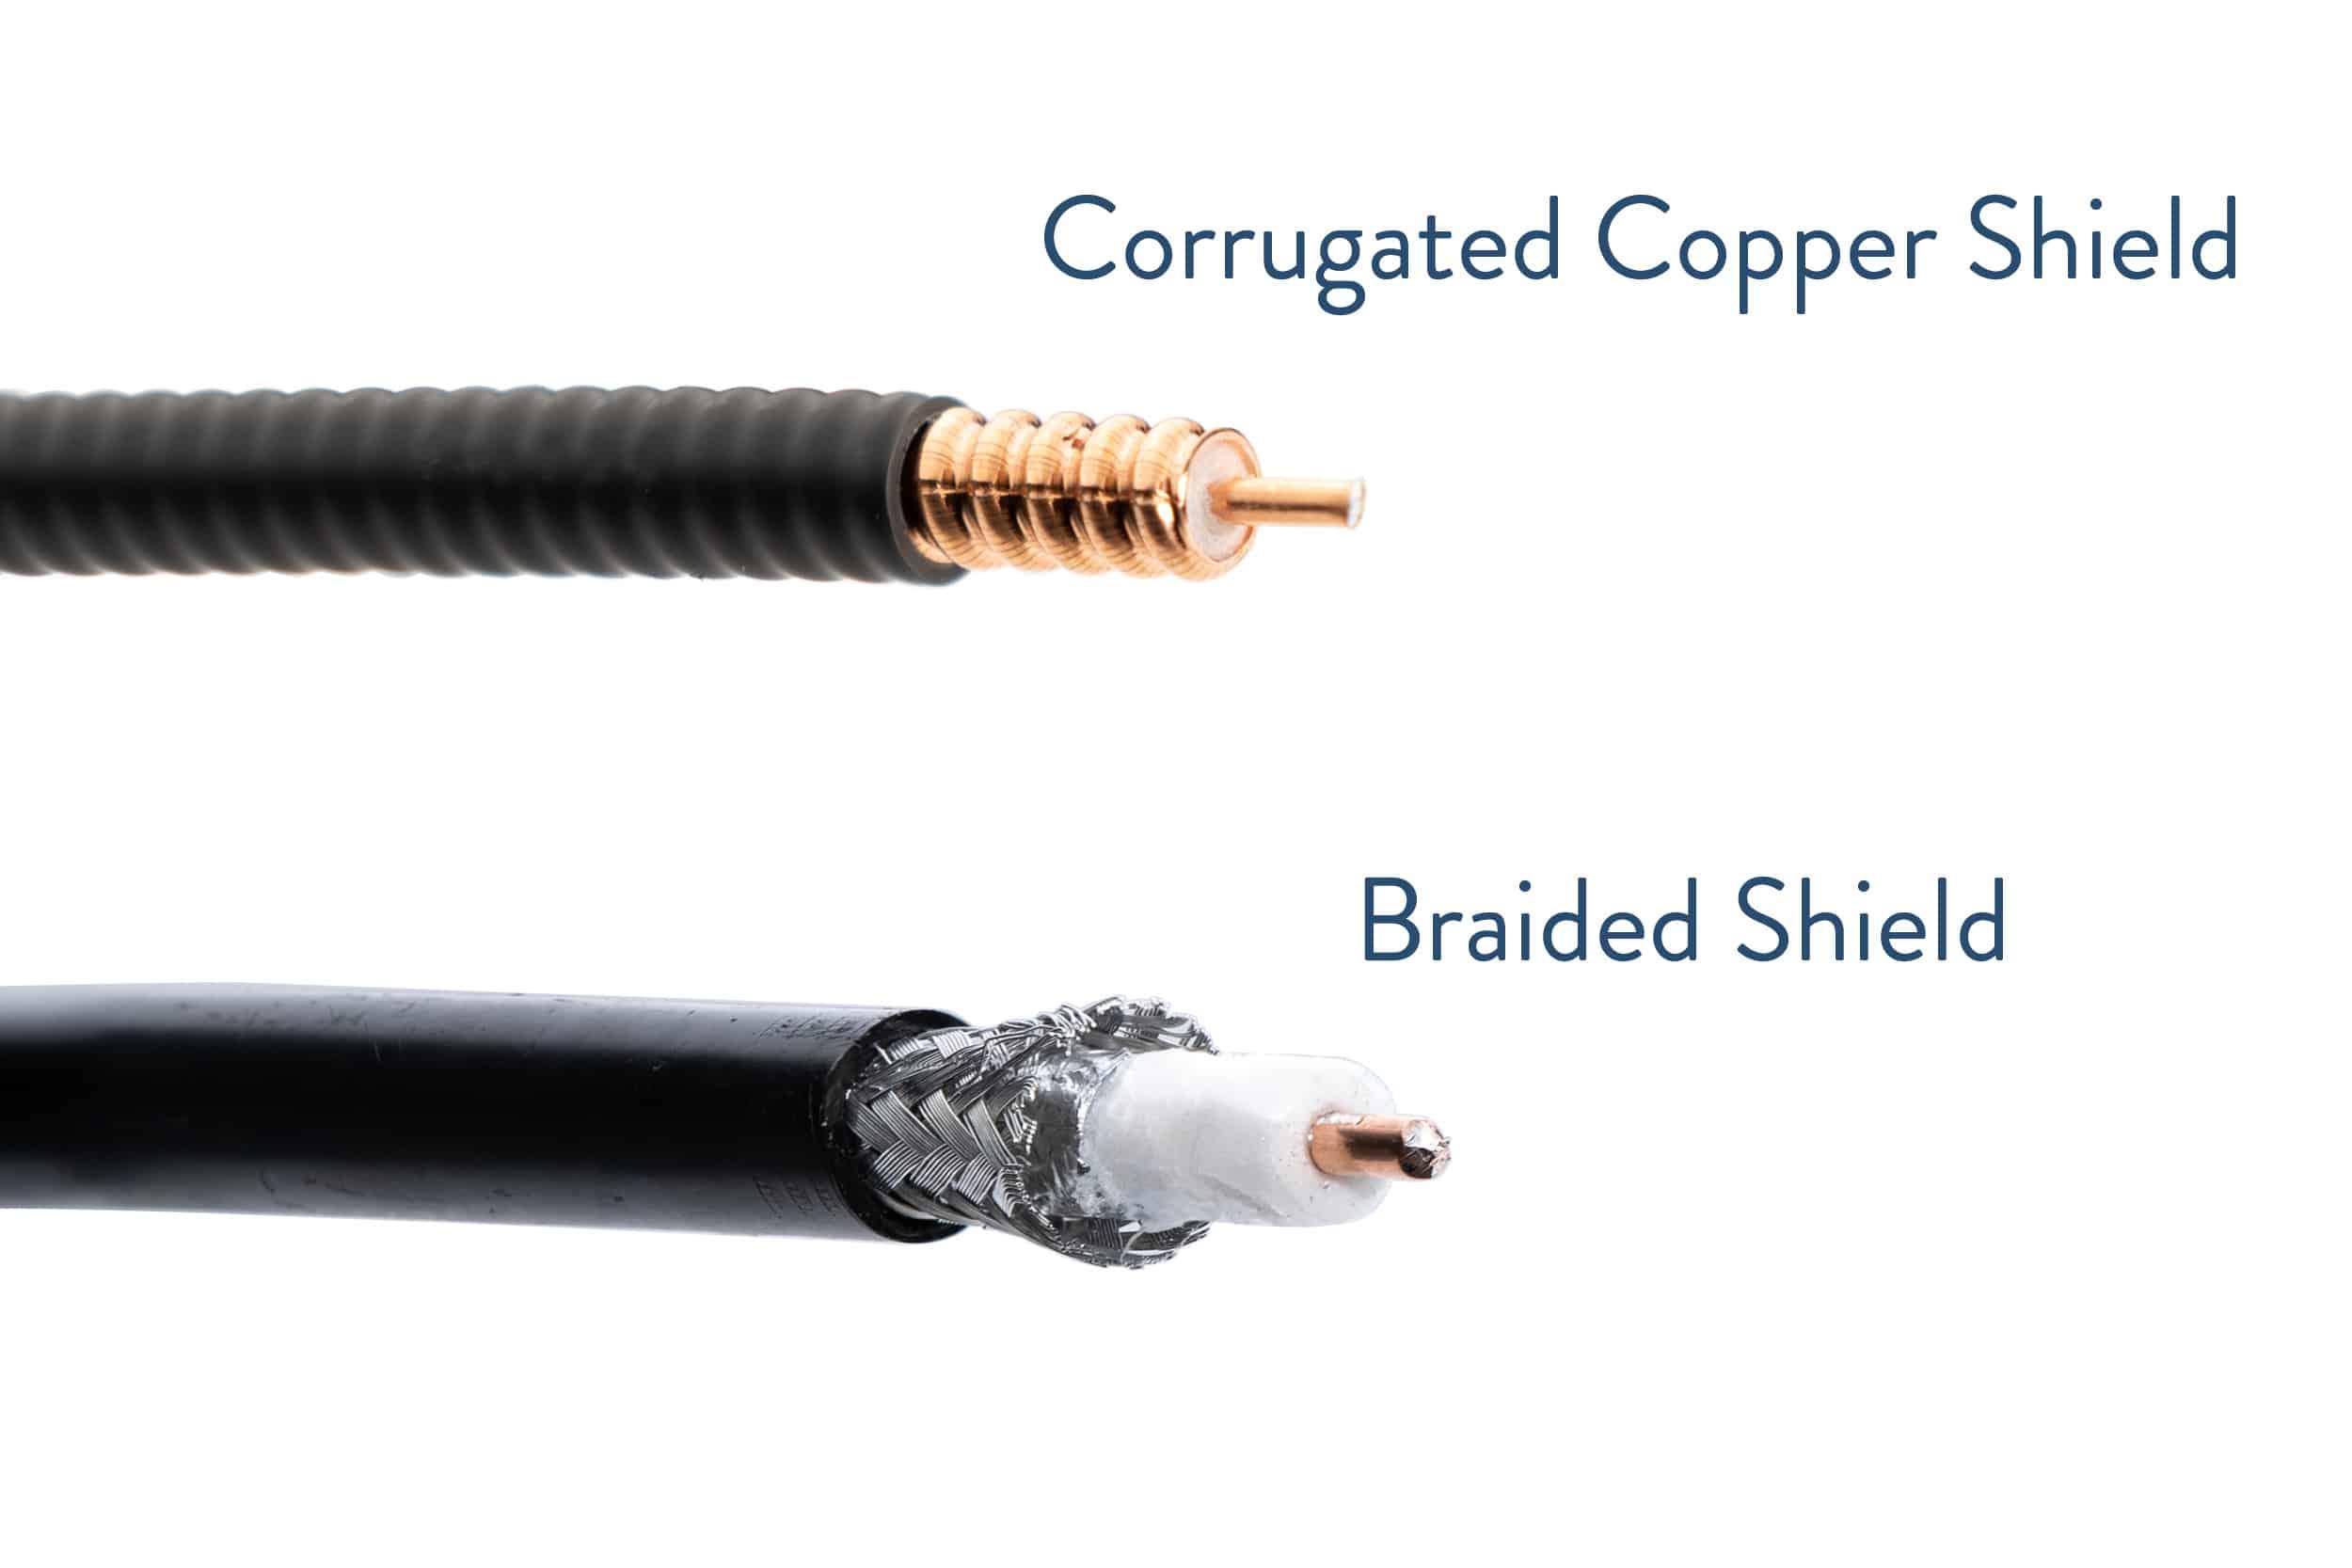 Corrugated Copper Shield vs Braided Shield